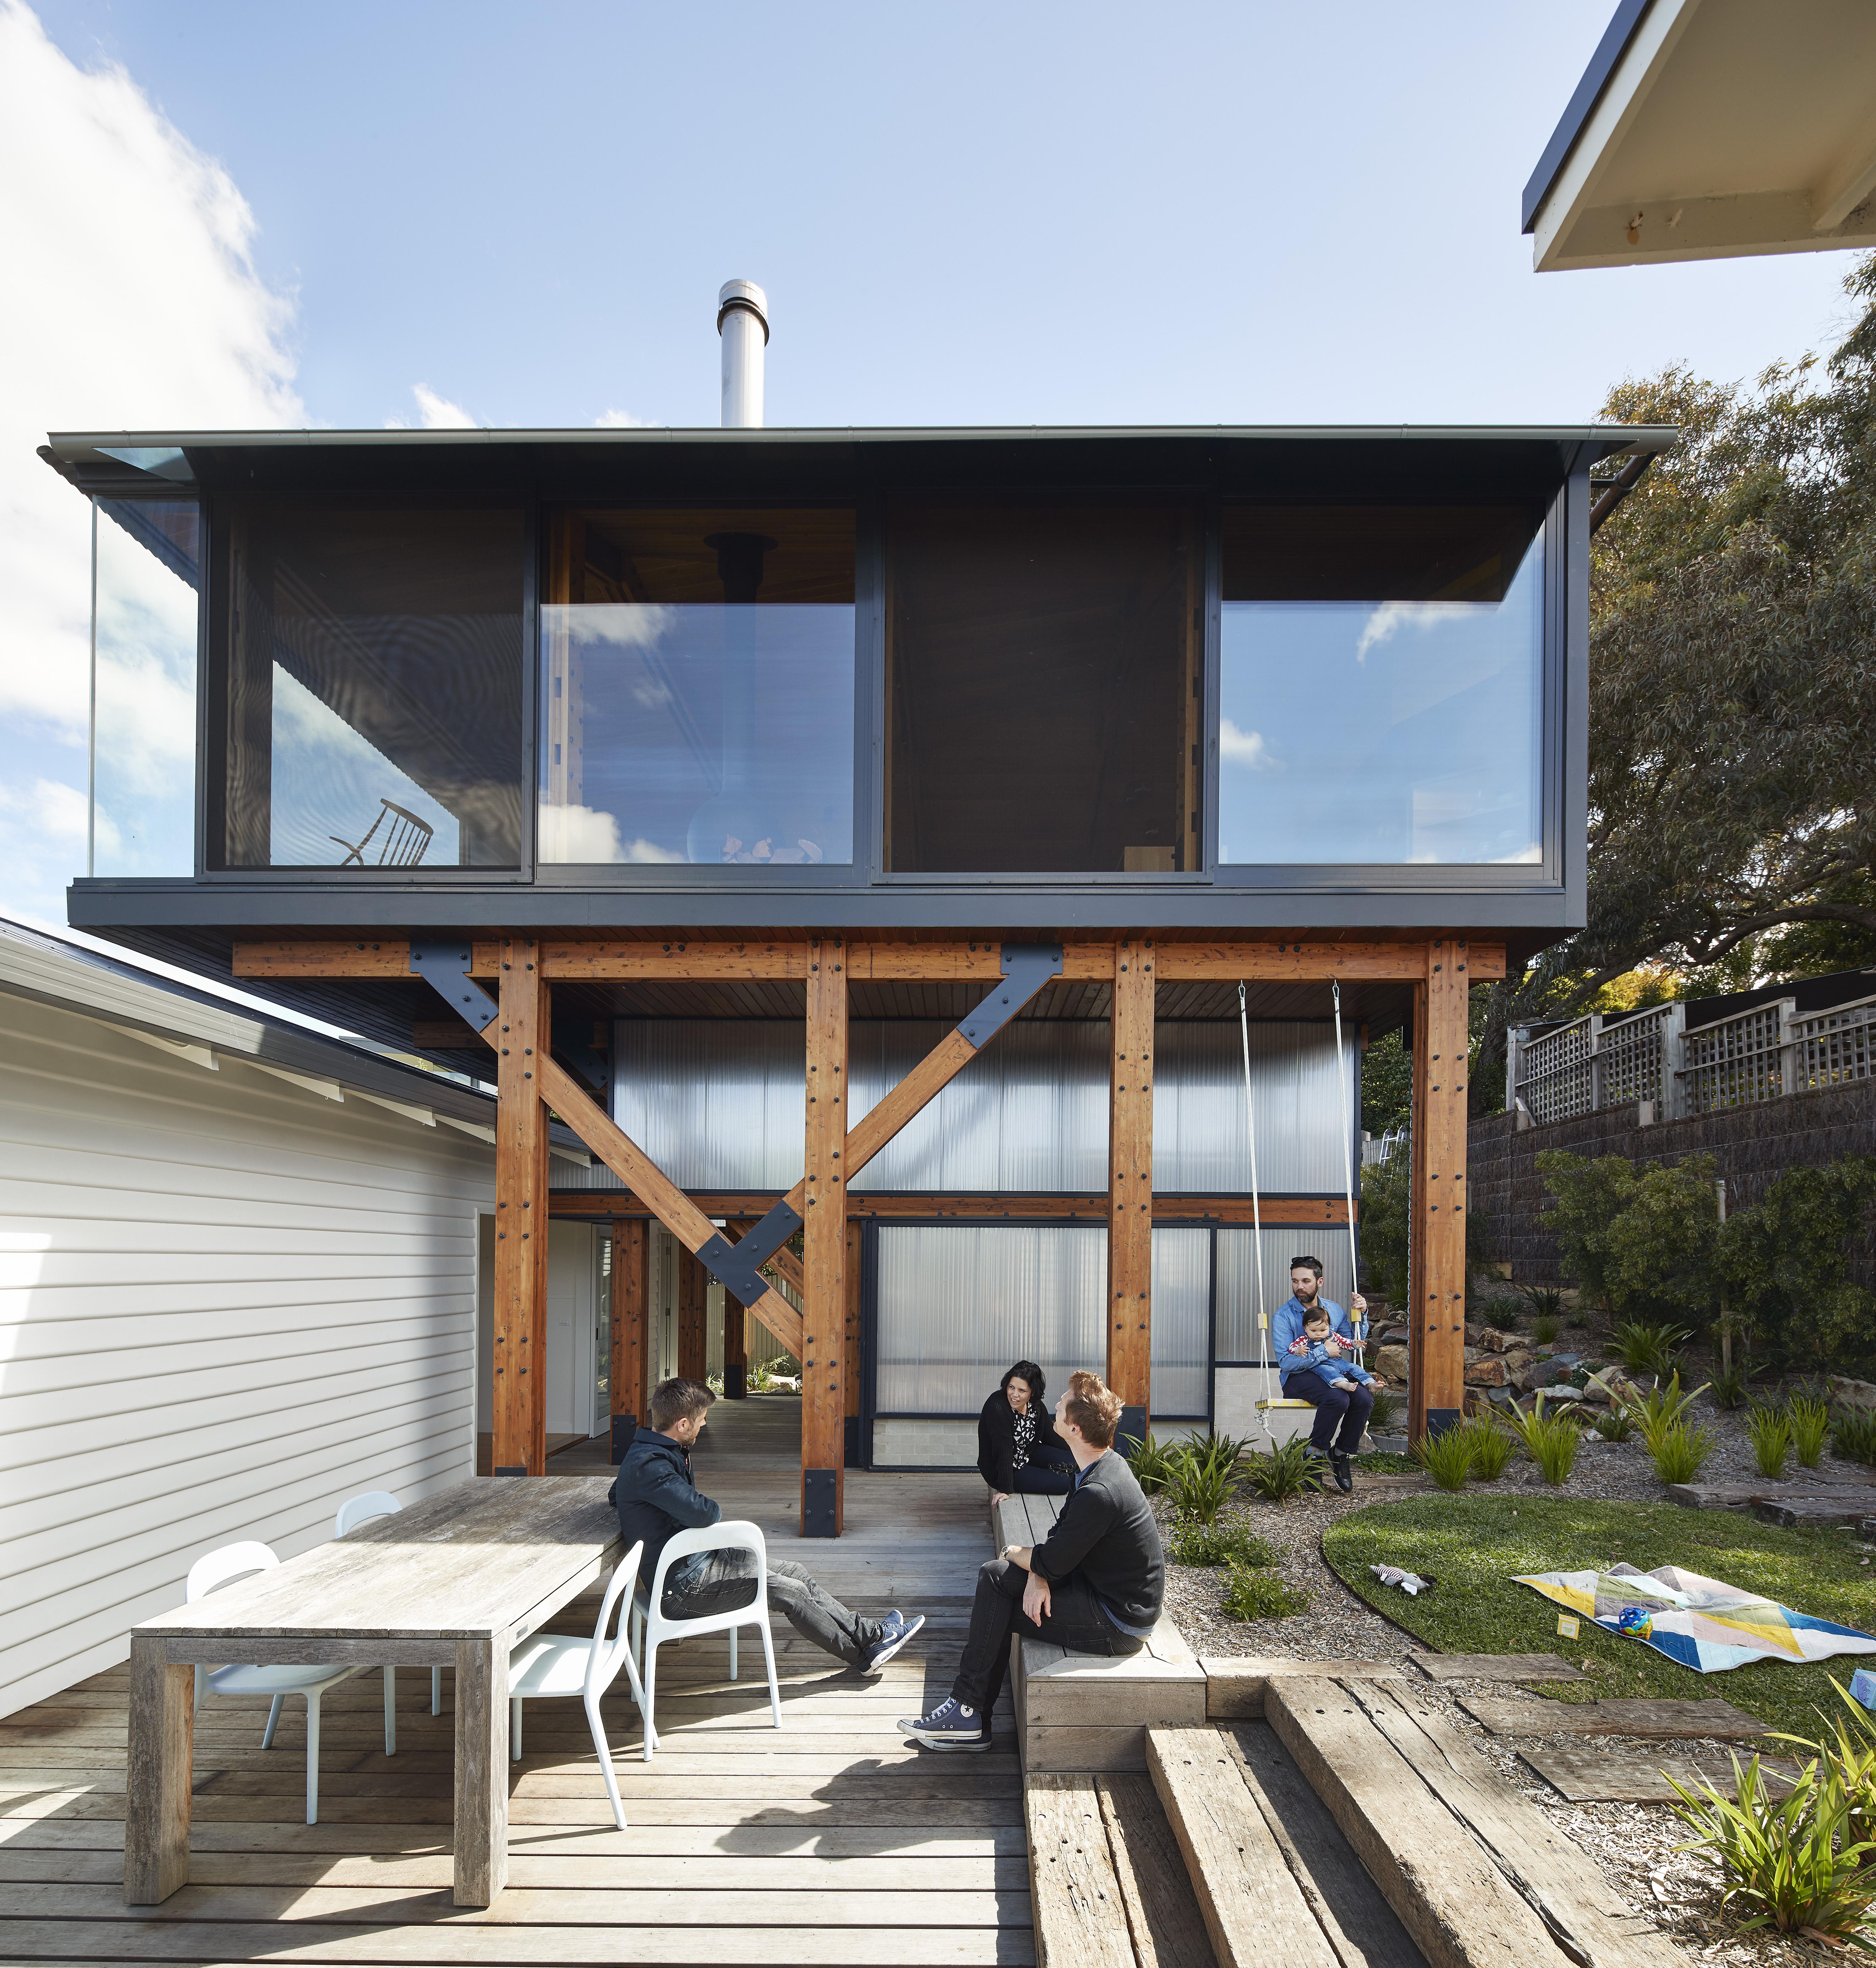 Beach shack remodel highlights incredible ocean views